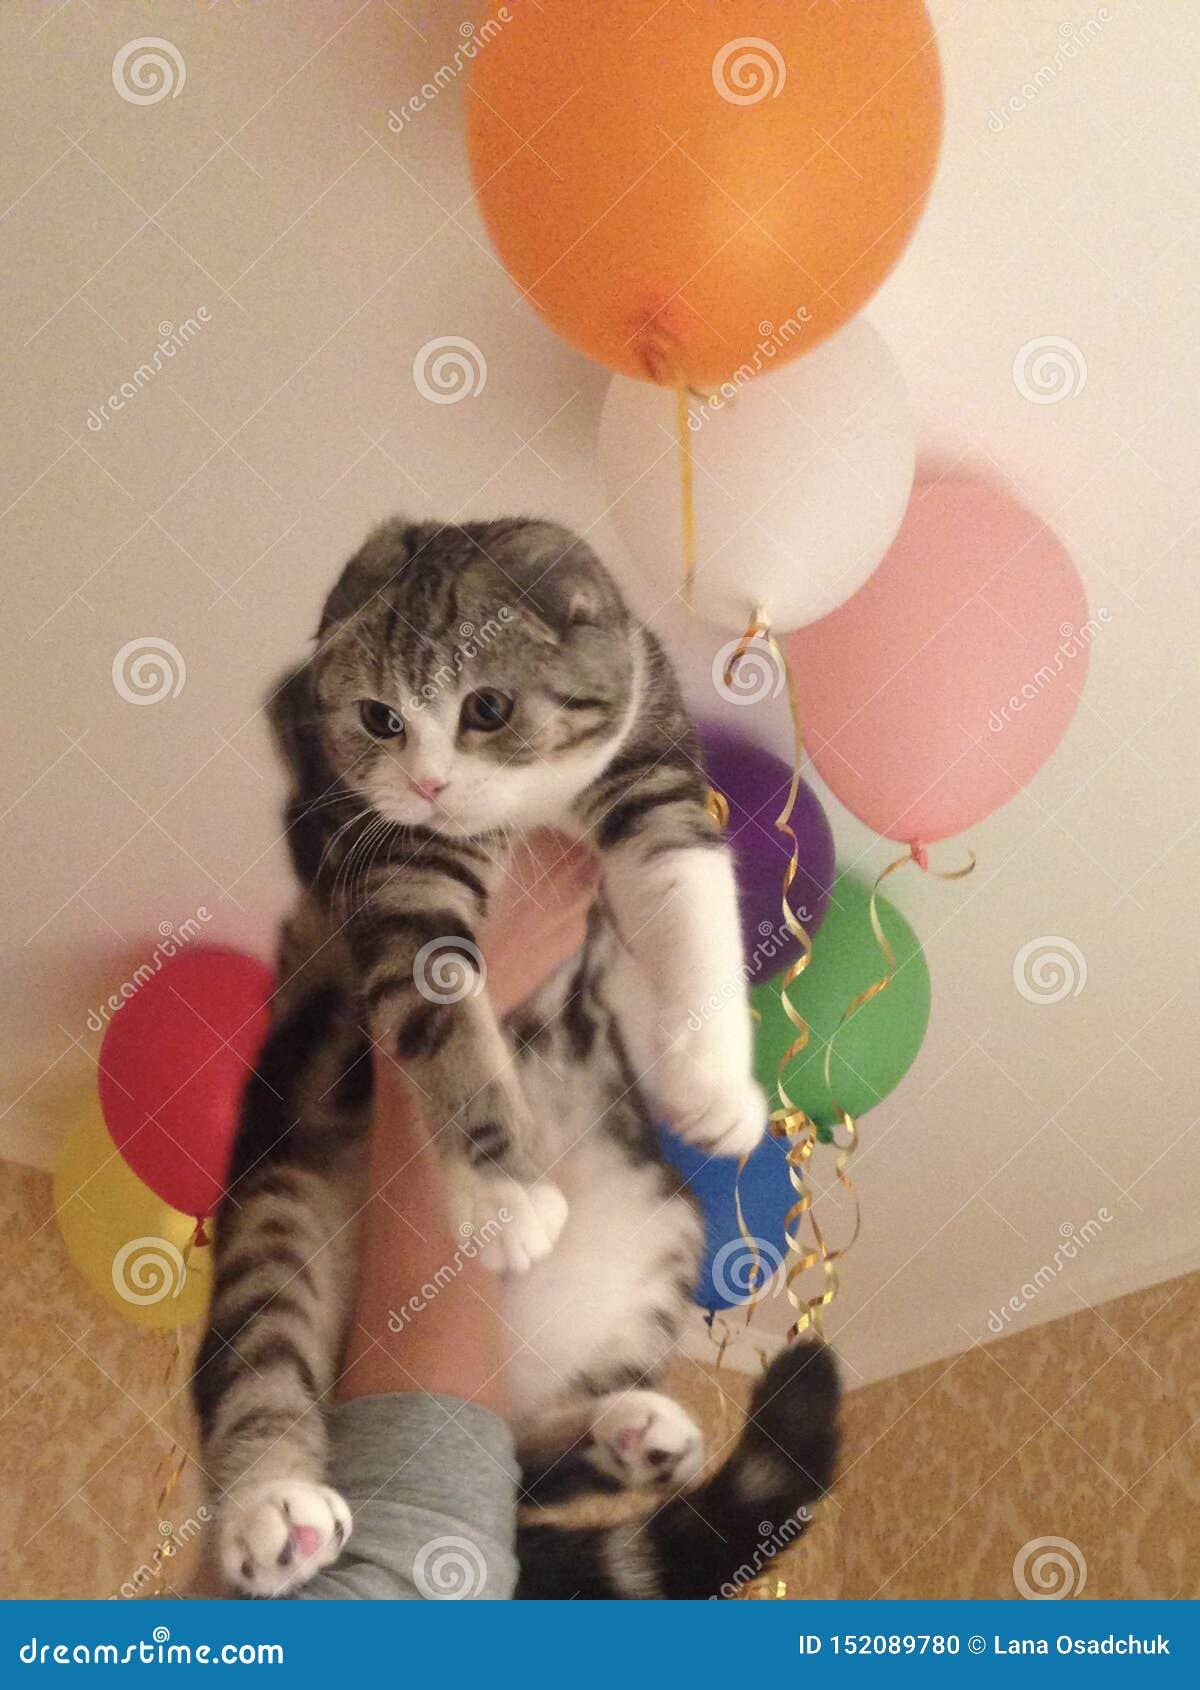 смешной кот с воздушными шарами